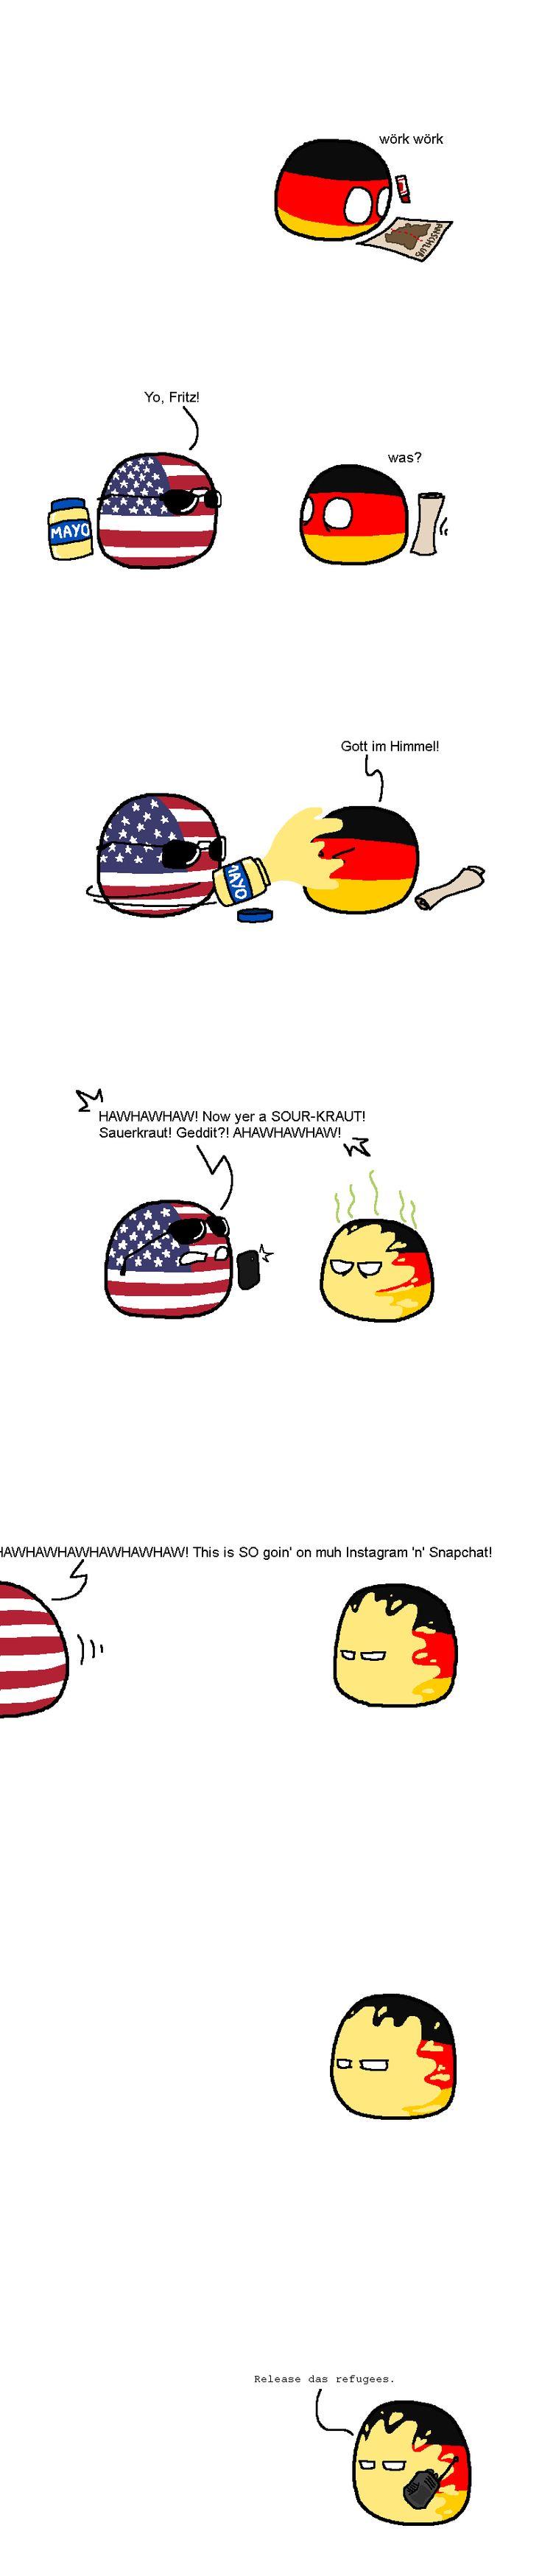 Release das refugees #countryballs #germanball #muricaball ,Fritz' OMG LMAO HAHA XD Gnz ehrlich als ob alle Fritz heißen würden. MAN FRITZCHEN HAT JEDEN GEGETTET FRÜHER XD